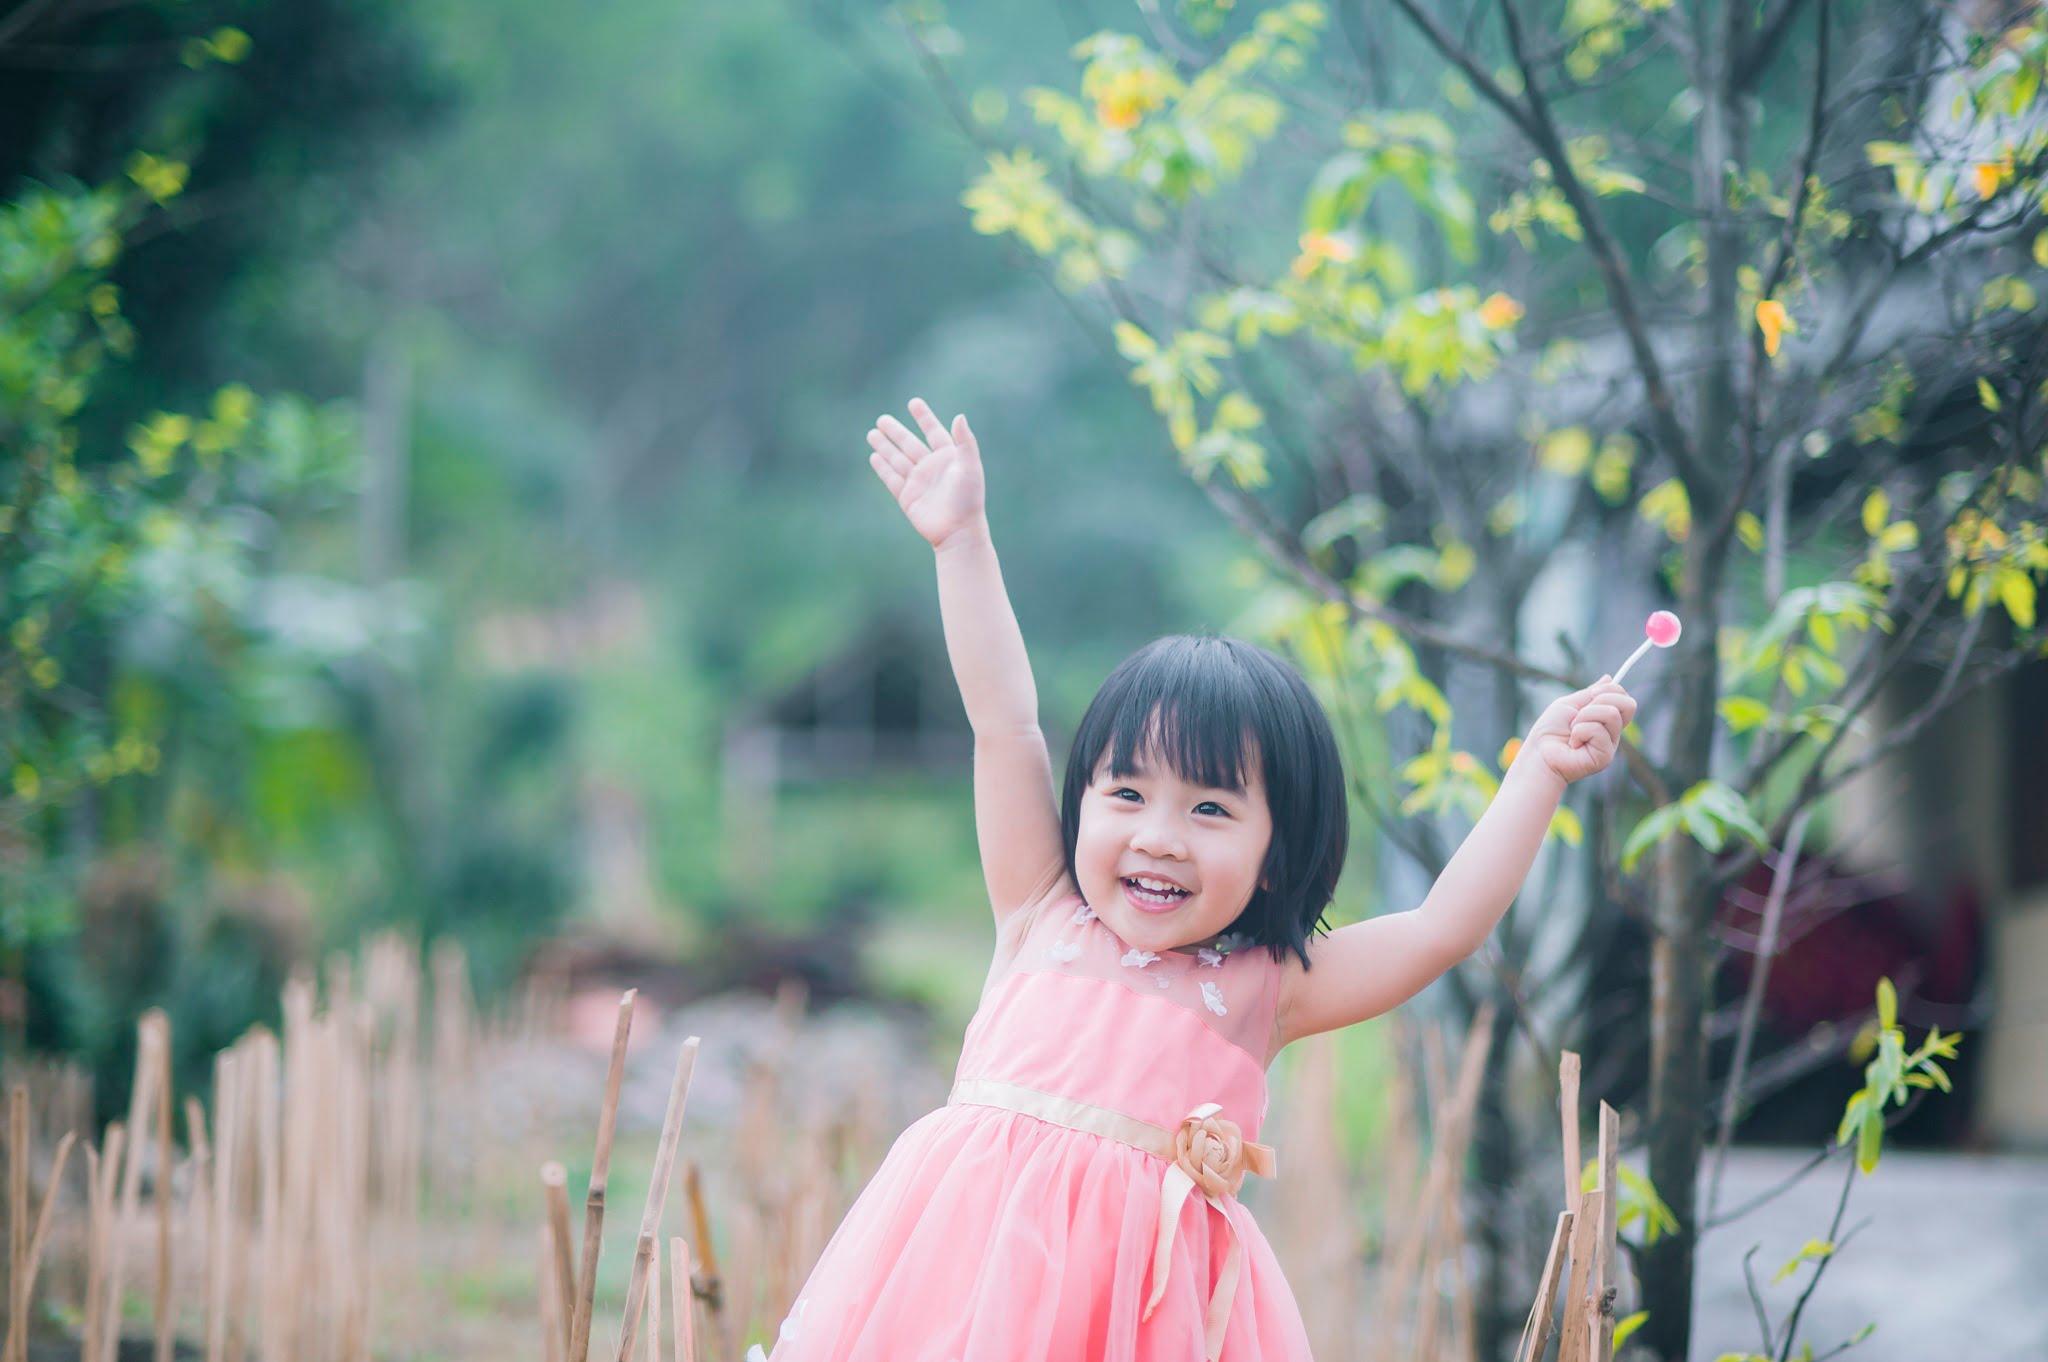 li 8 - Ảnh chụp bé Xuân Nhi Tp. Đà Nẵng